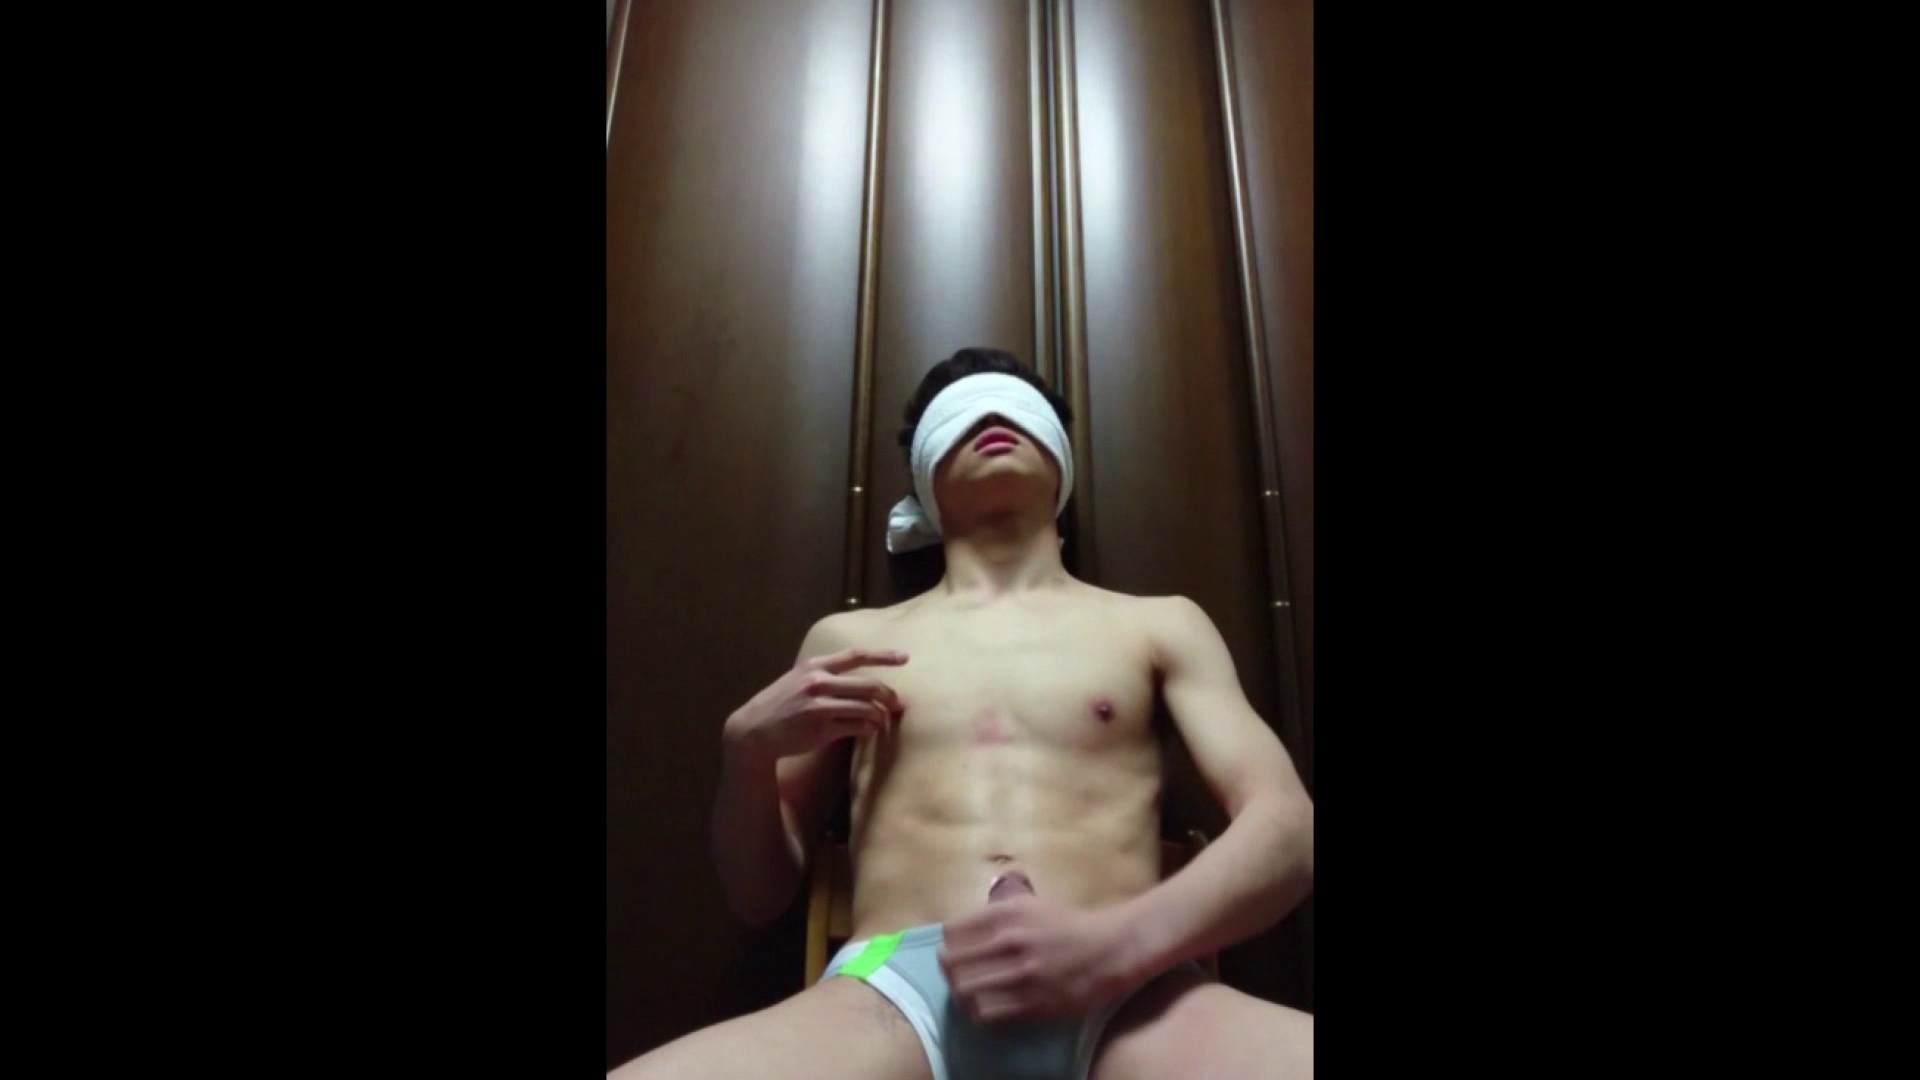 個人撮影 自慰の極意 Vol.21 ゲイのオナニー映像 ゲイセックス画像 107枚 7